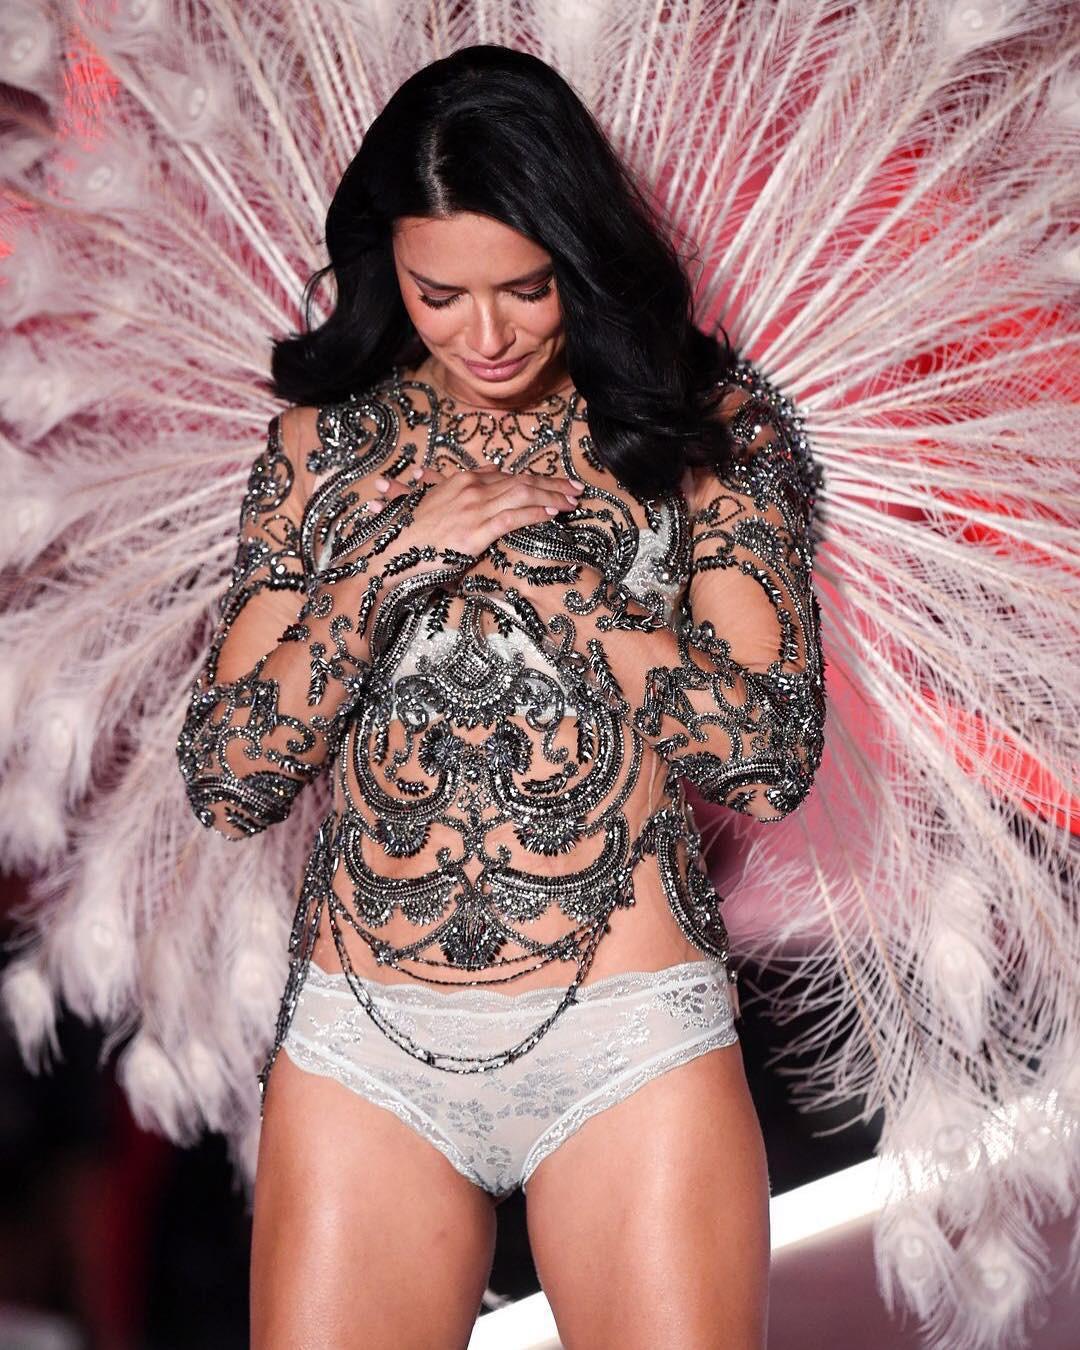 """Chia tay thiên thần khóc"""" Adriana Lima - cô gái dành cả thanh xuân để tỏa sáng trên sàn diễn Victorias Secret Fashion Show - Ảnh 2."""